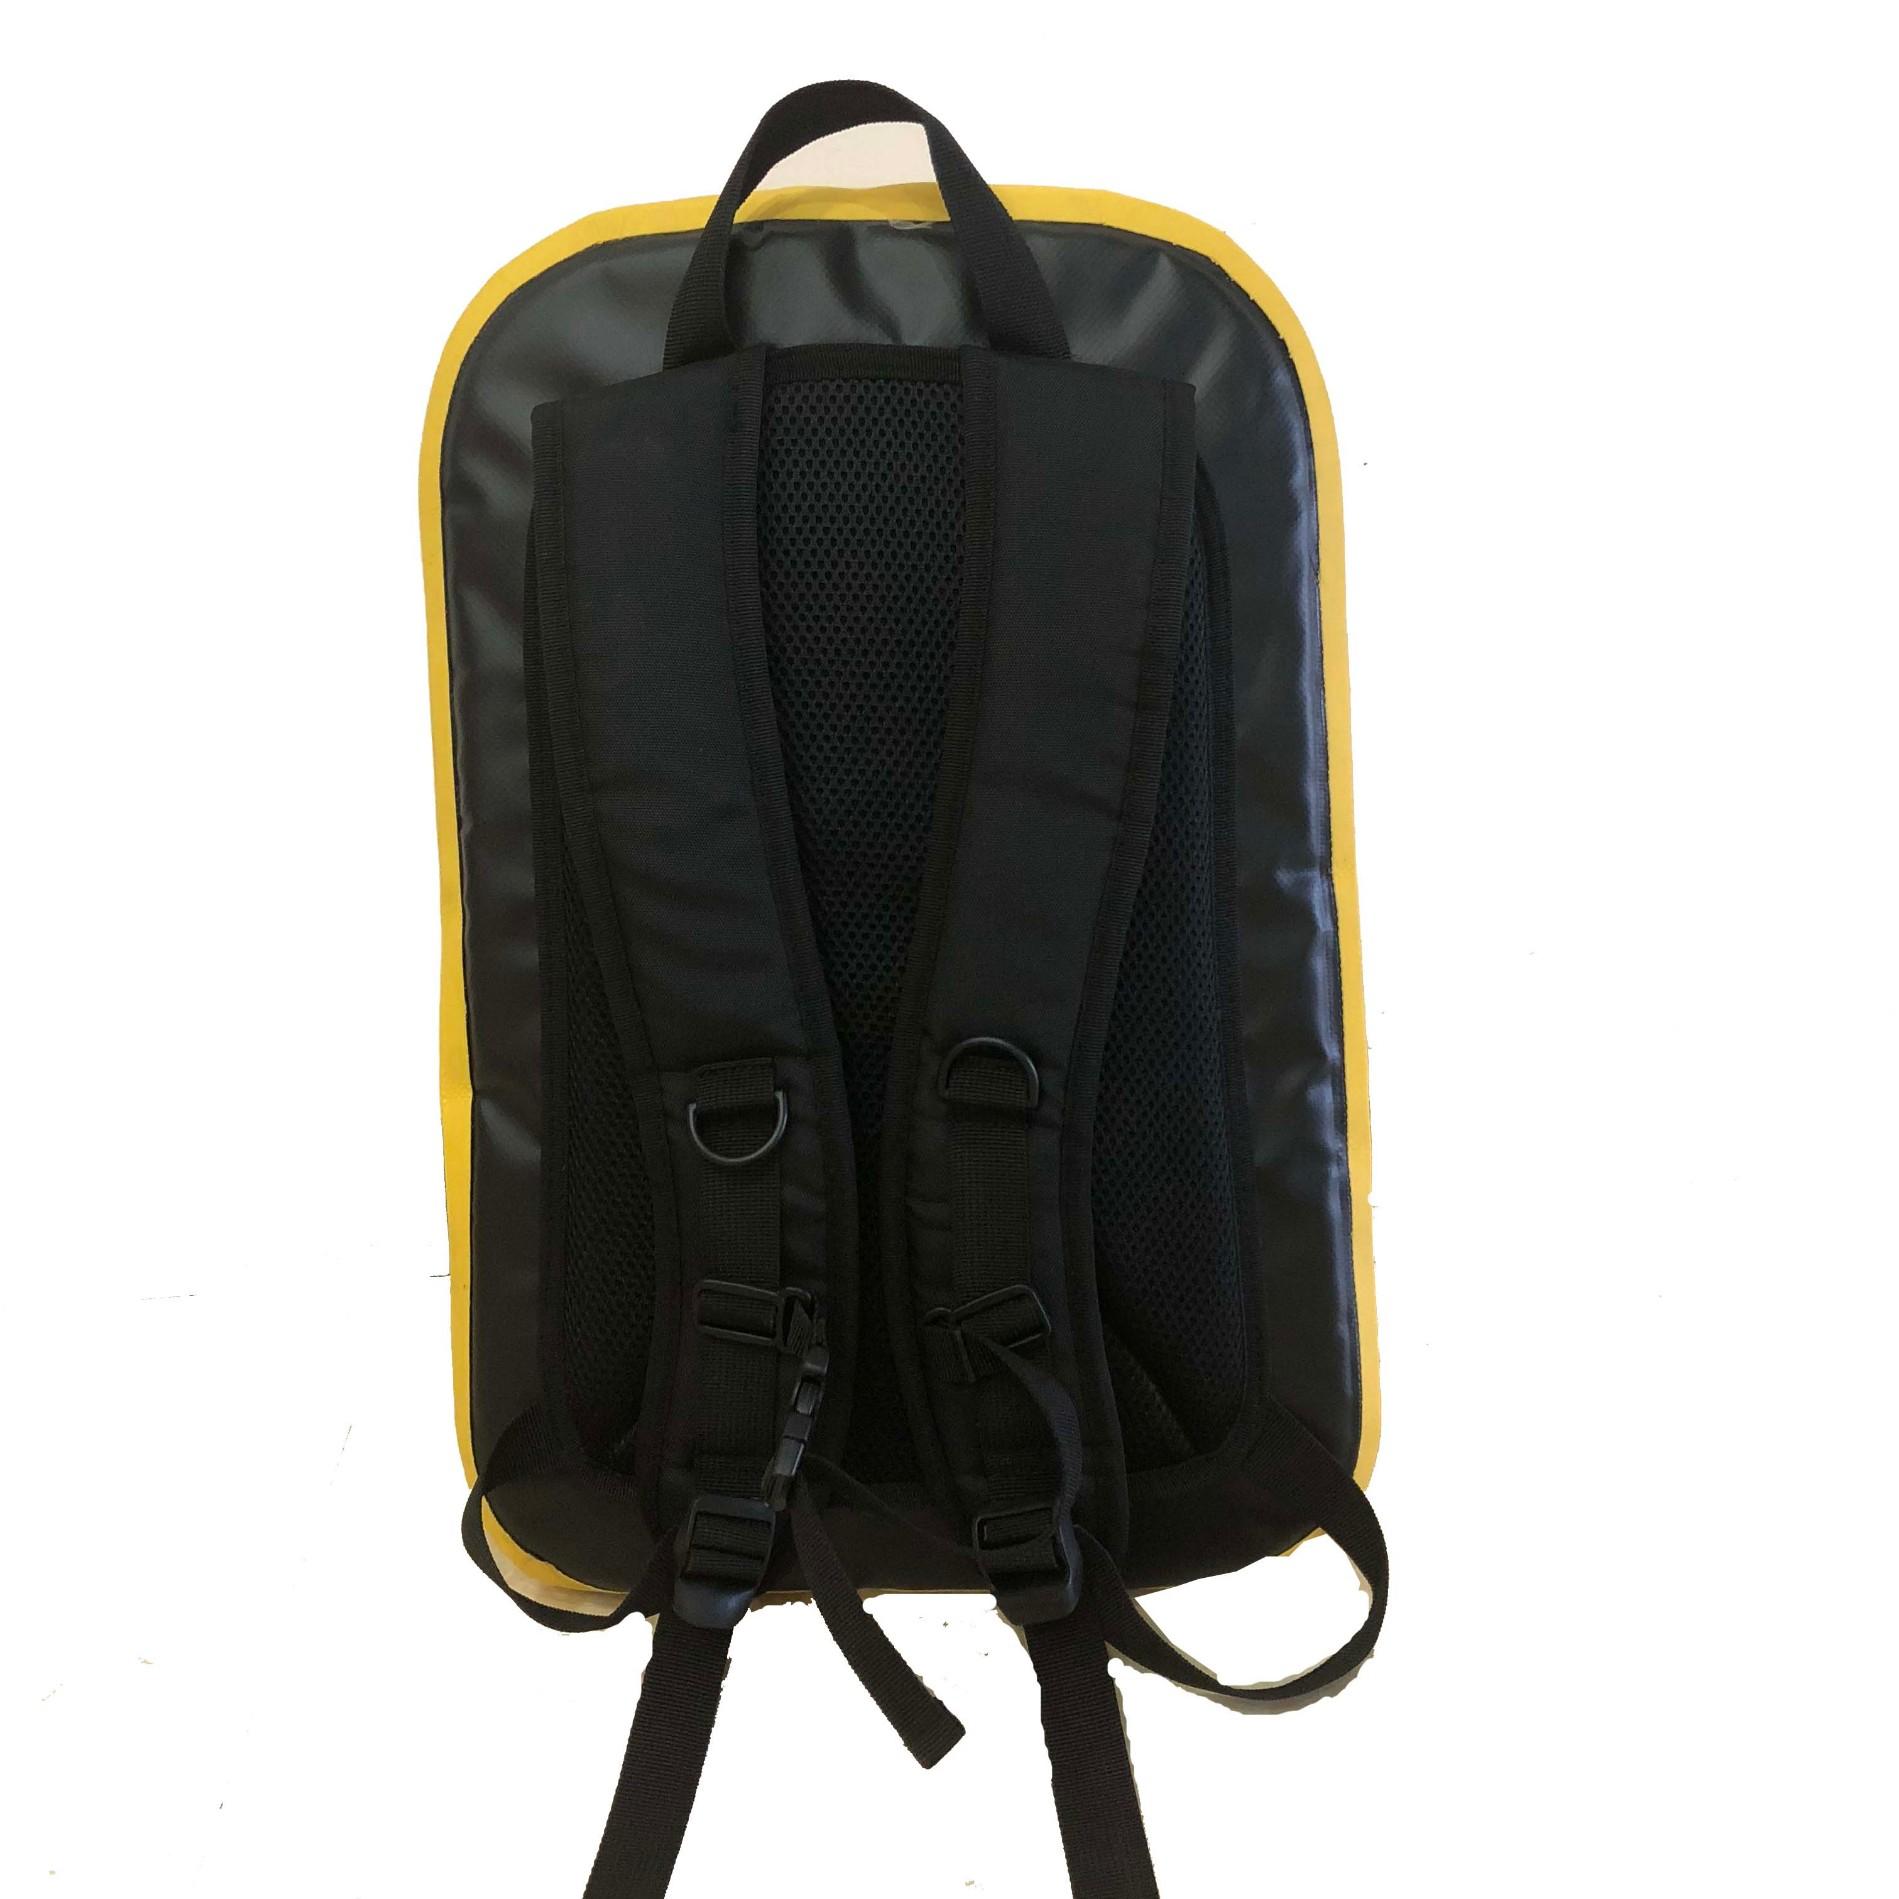 Waterproof Daypack Manufacturers, Waterproof Daypack Factory, Supply Waterproof Daypack